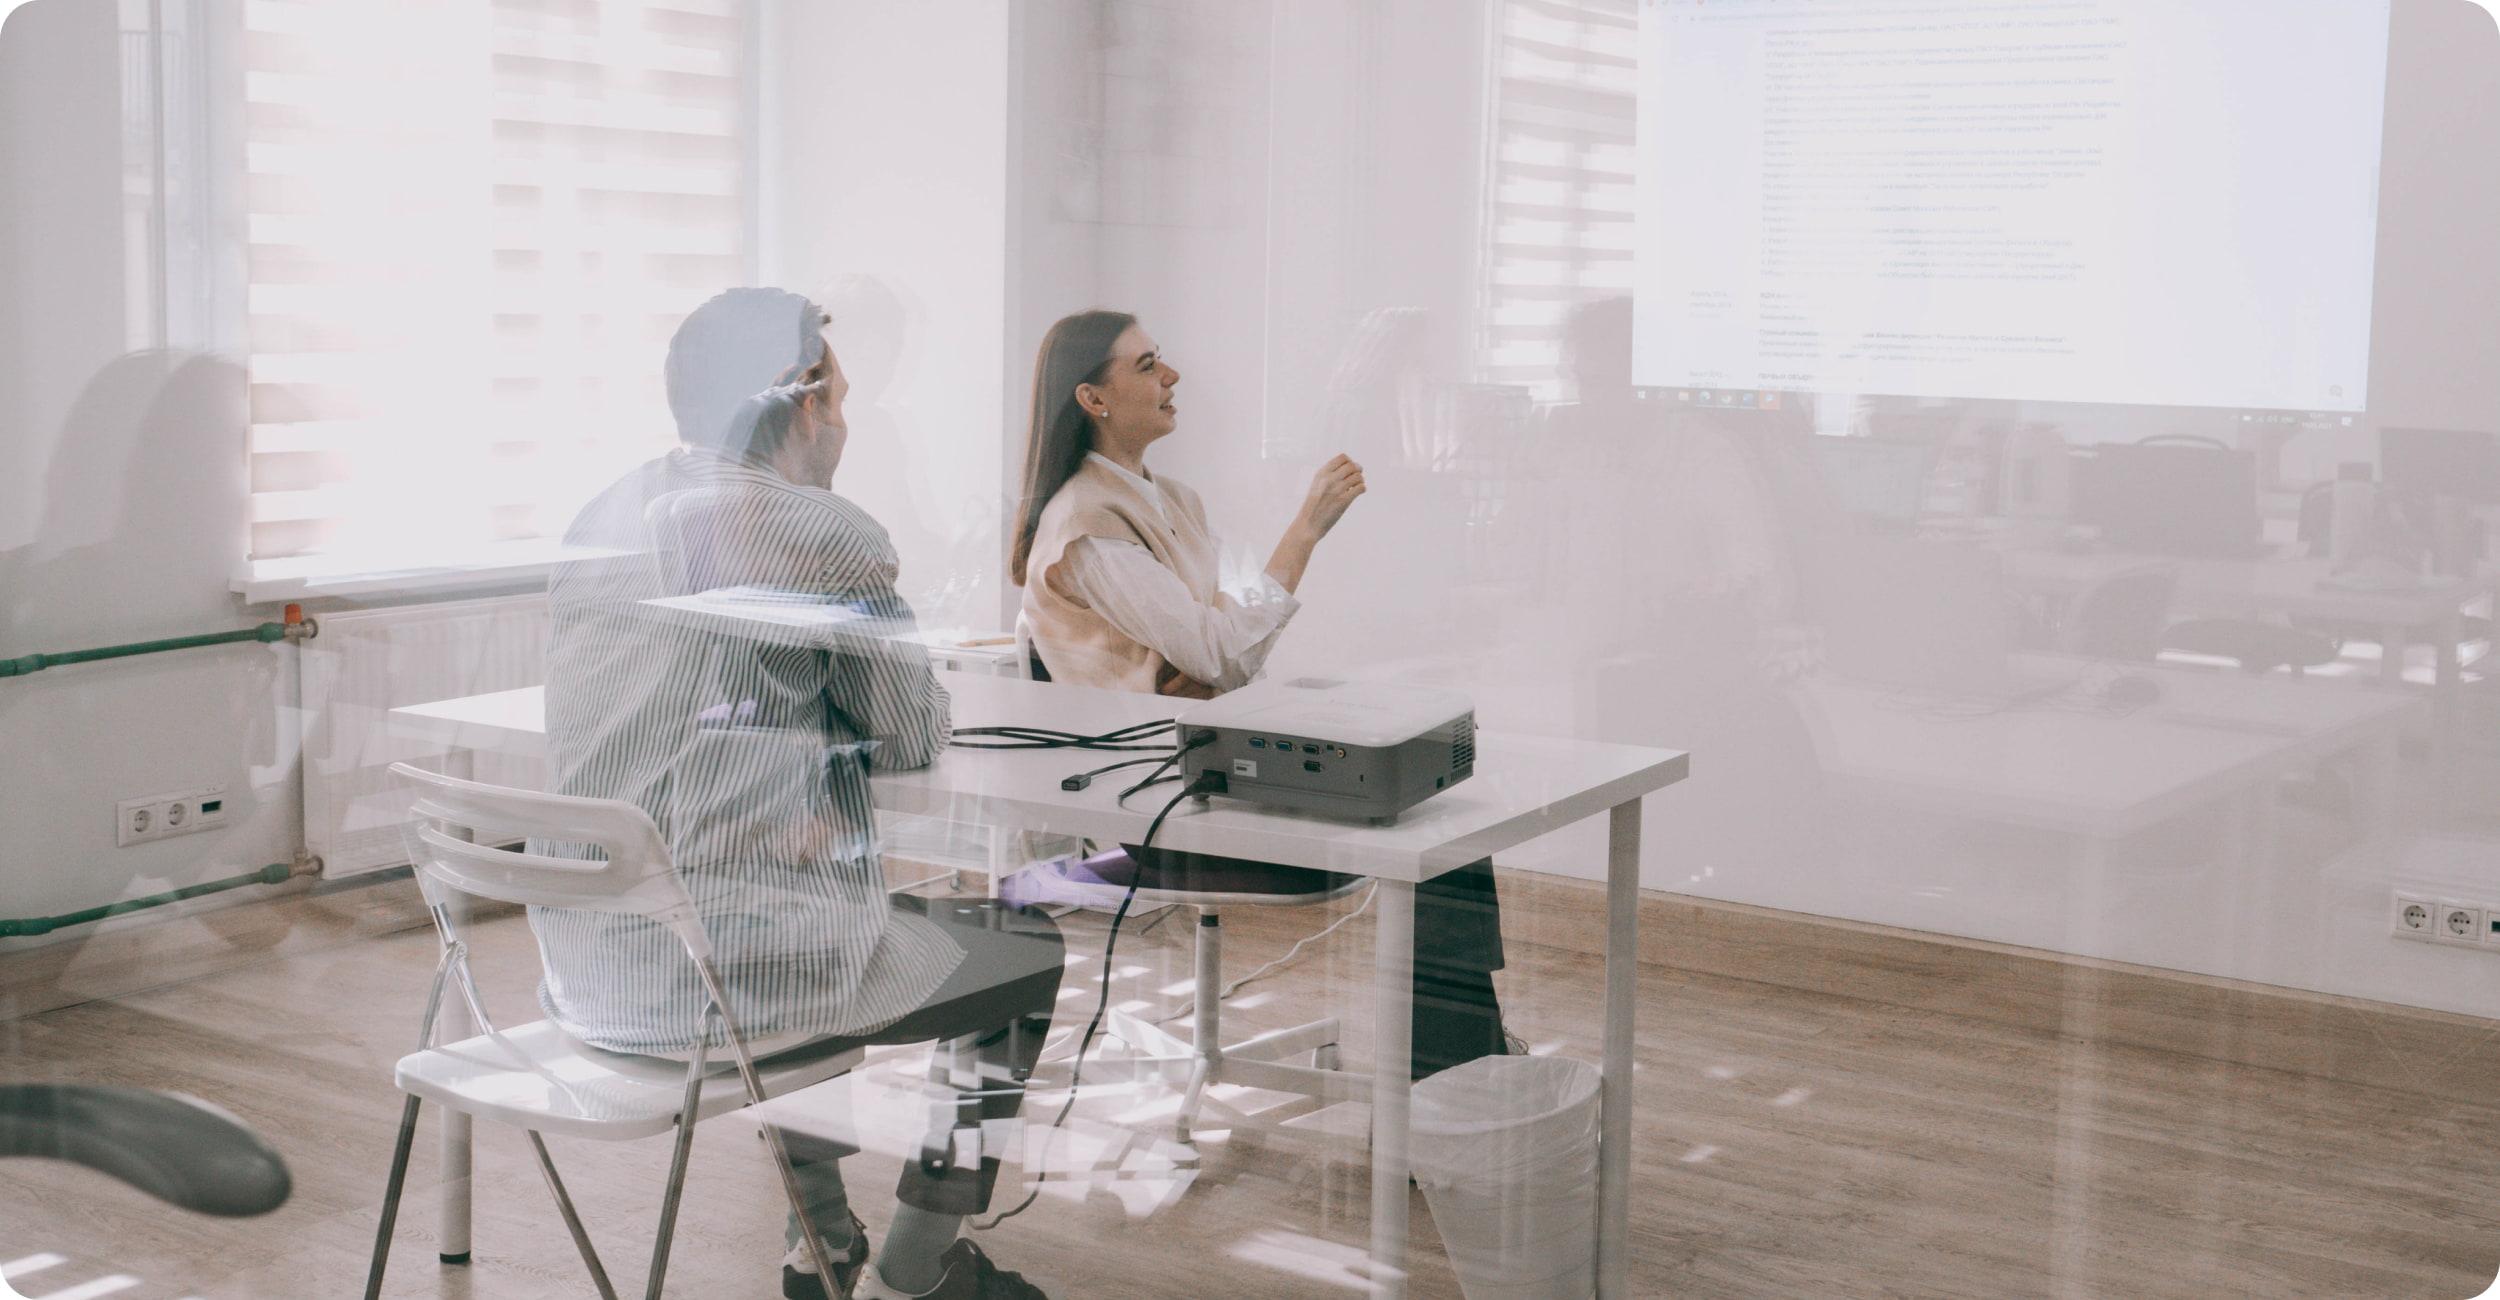 Сотрудники обсуждают что-то в офисе